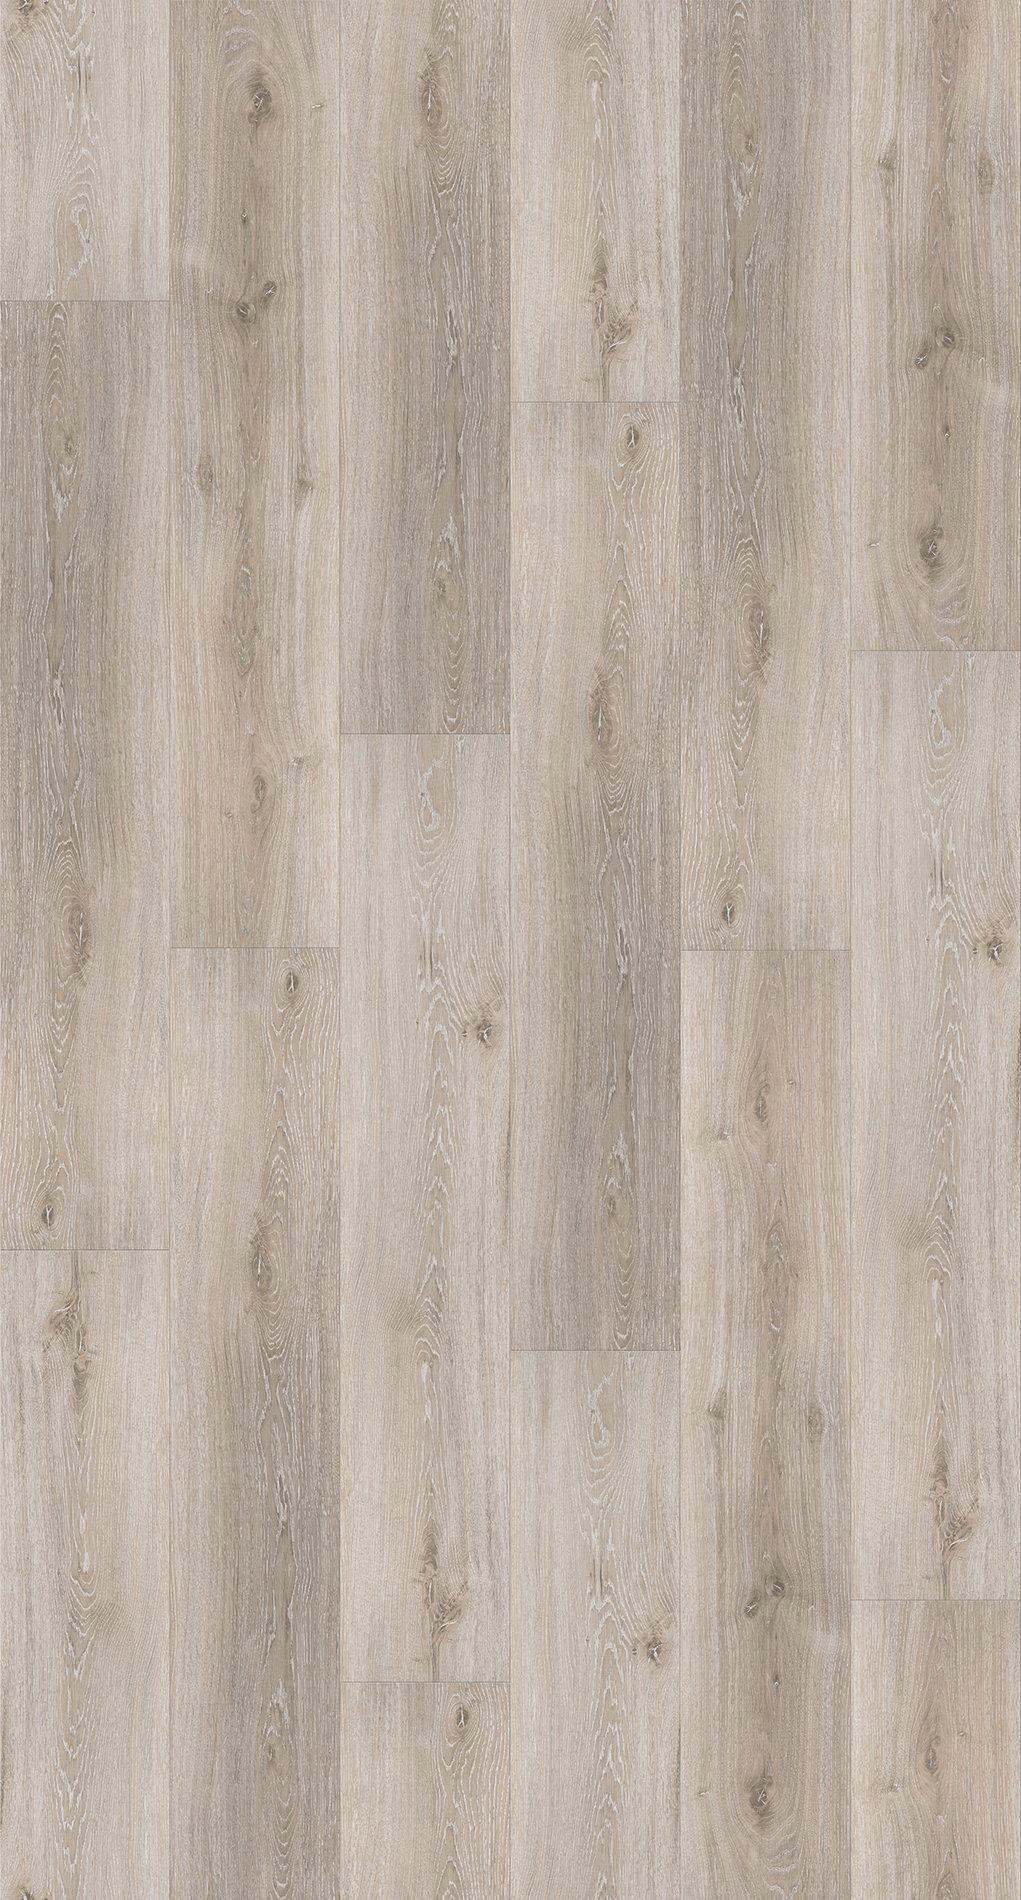 PARADOR Packung: Vinylboden »Classic 2030 - Eiche Royal weiß gekälkt«, 1212 x 216 x 8,6 mm, 1,8 m²